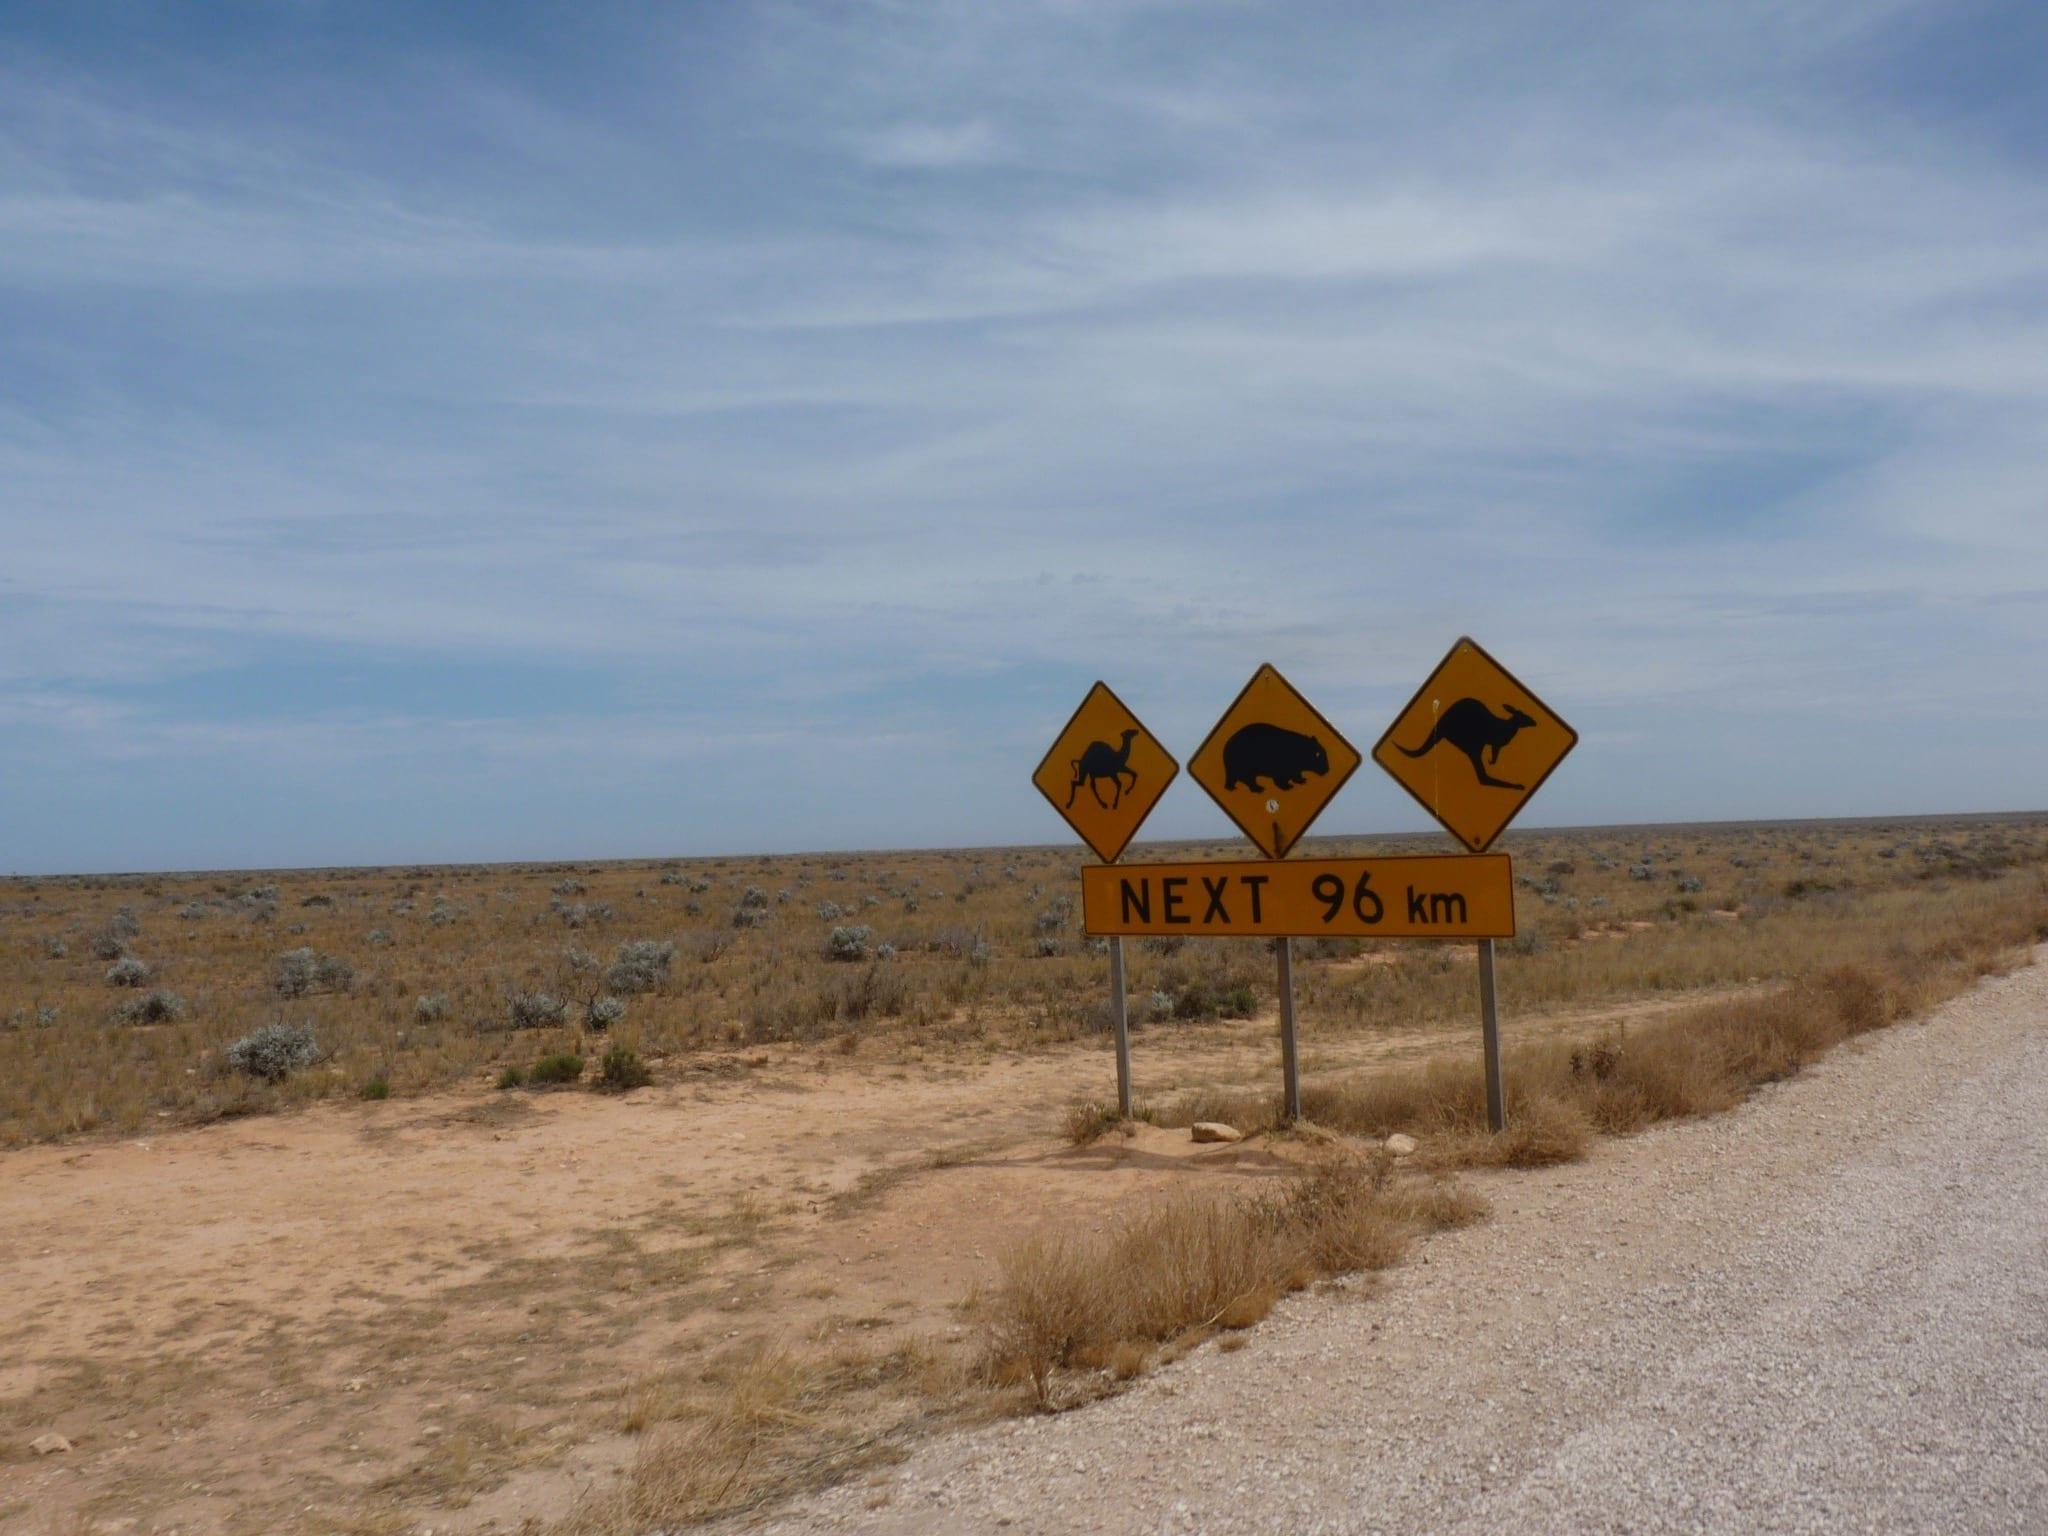 Nullarbor Plain South Australia